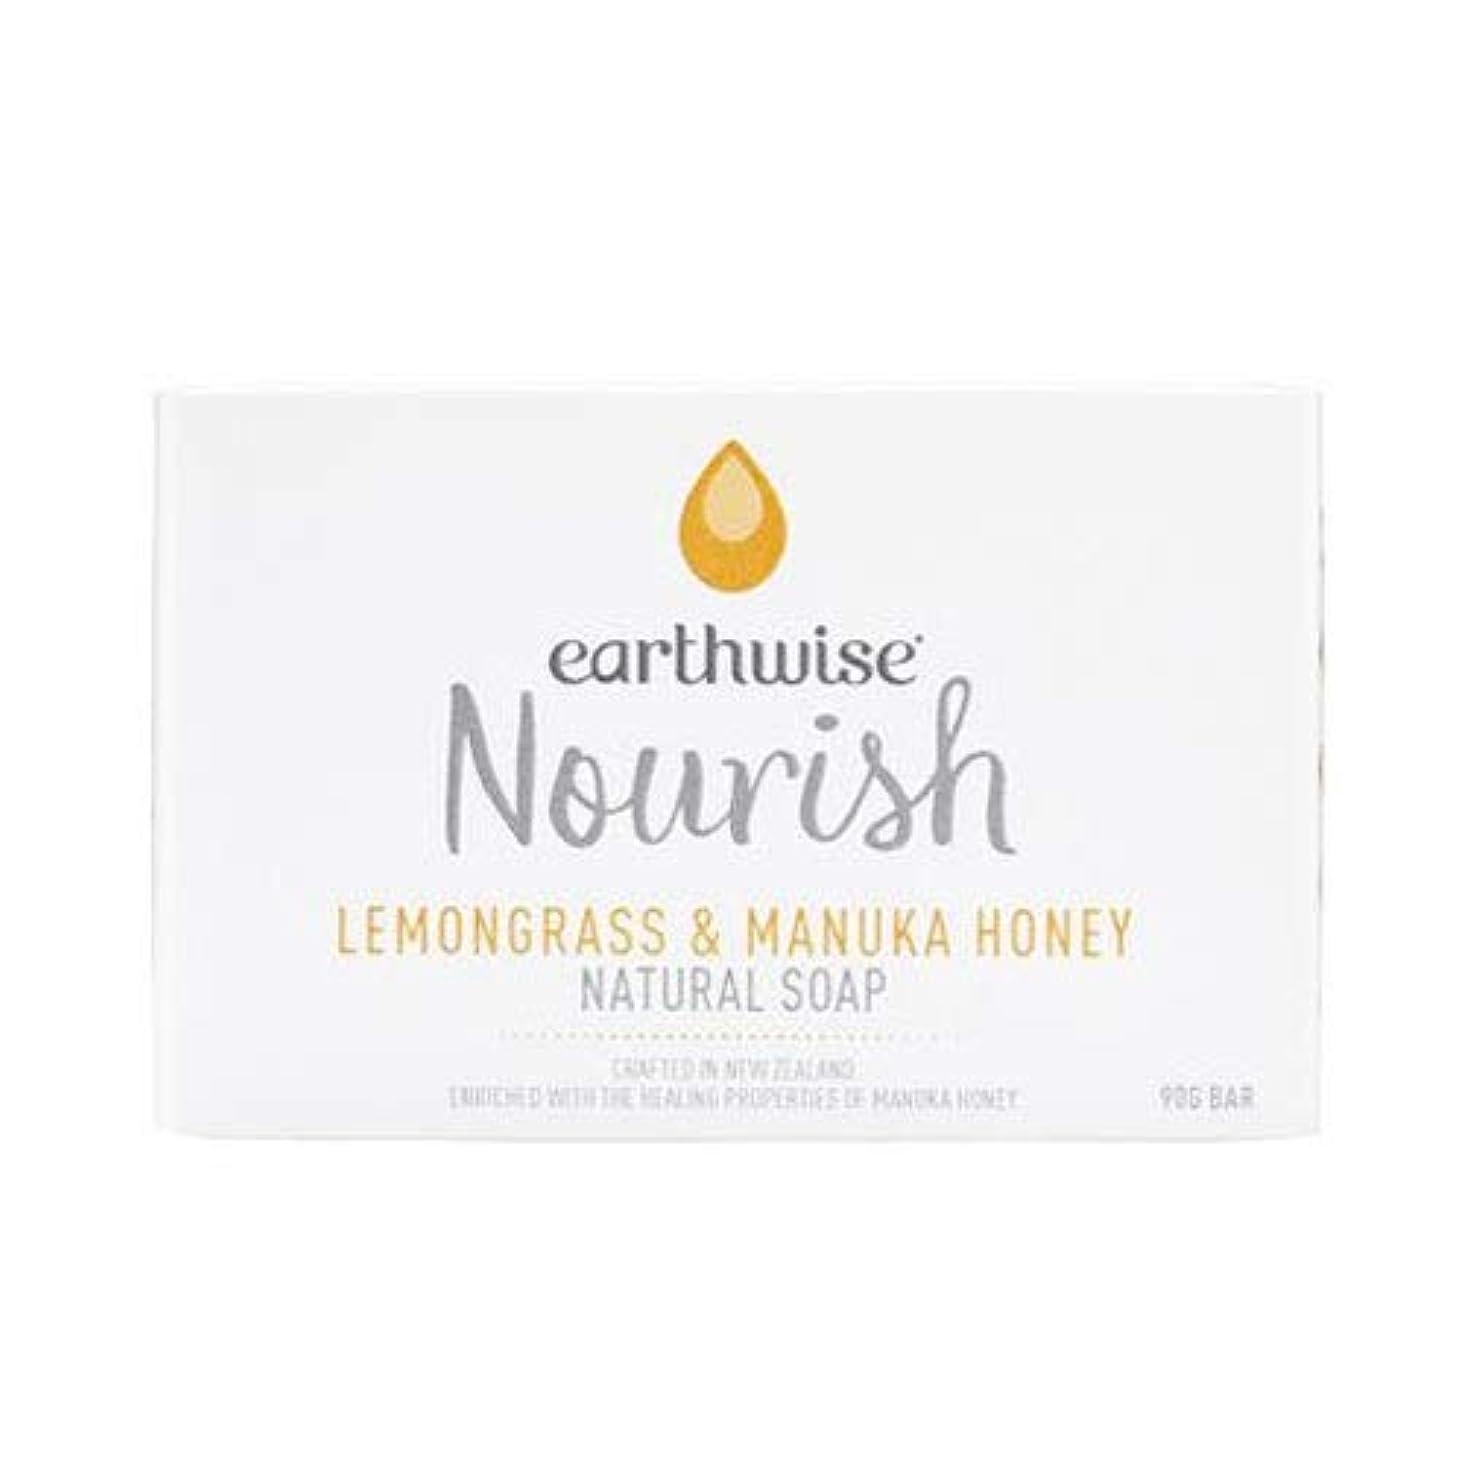 earthwise アースワイズ ナチュラルソープ 石鹸 90g (レモングラス&マヌカハニー)